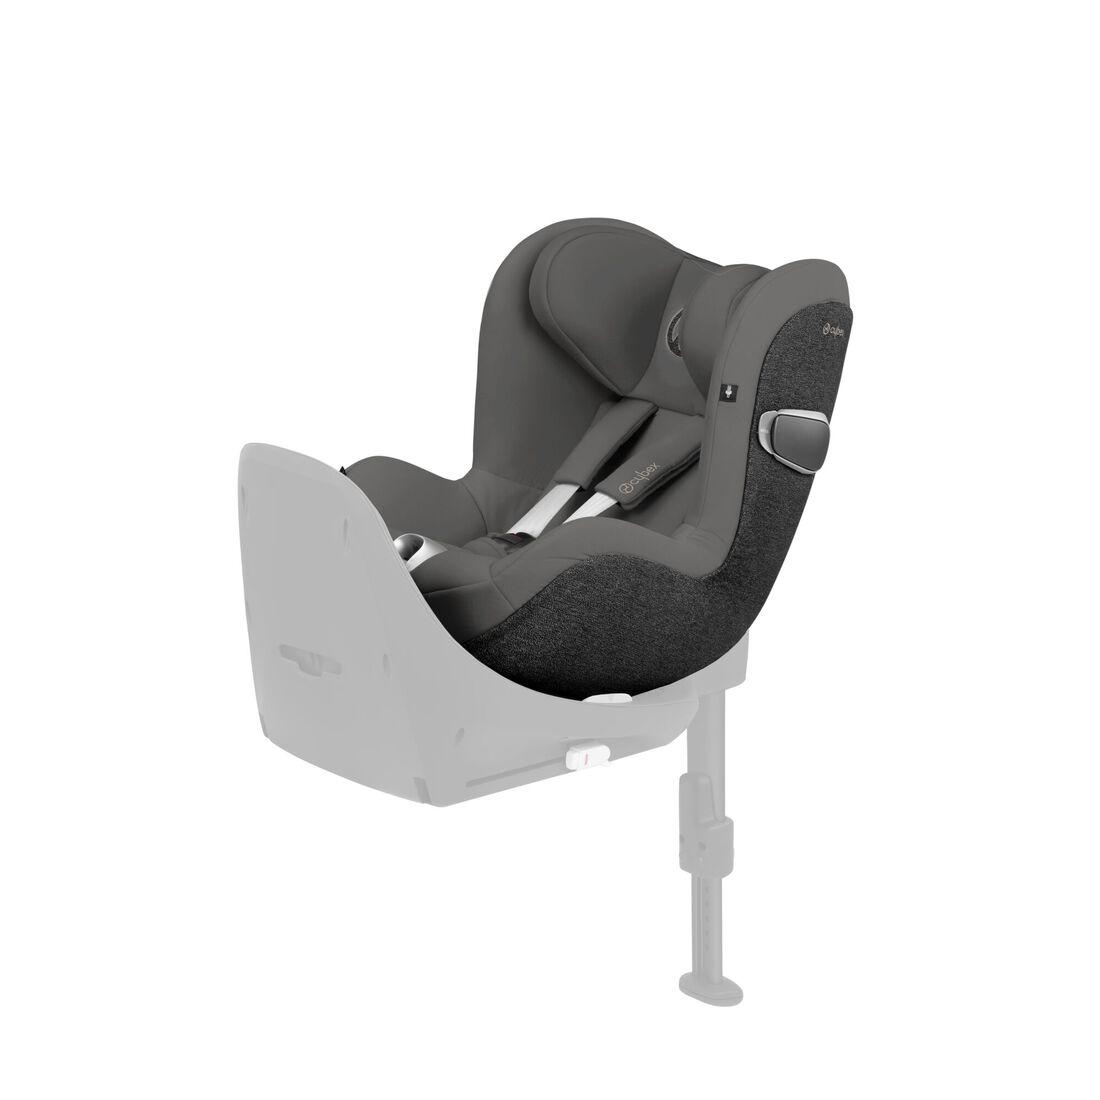 CYBEX Sirona Z i-Size - Soho Grey in Soho Grey large image number 1